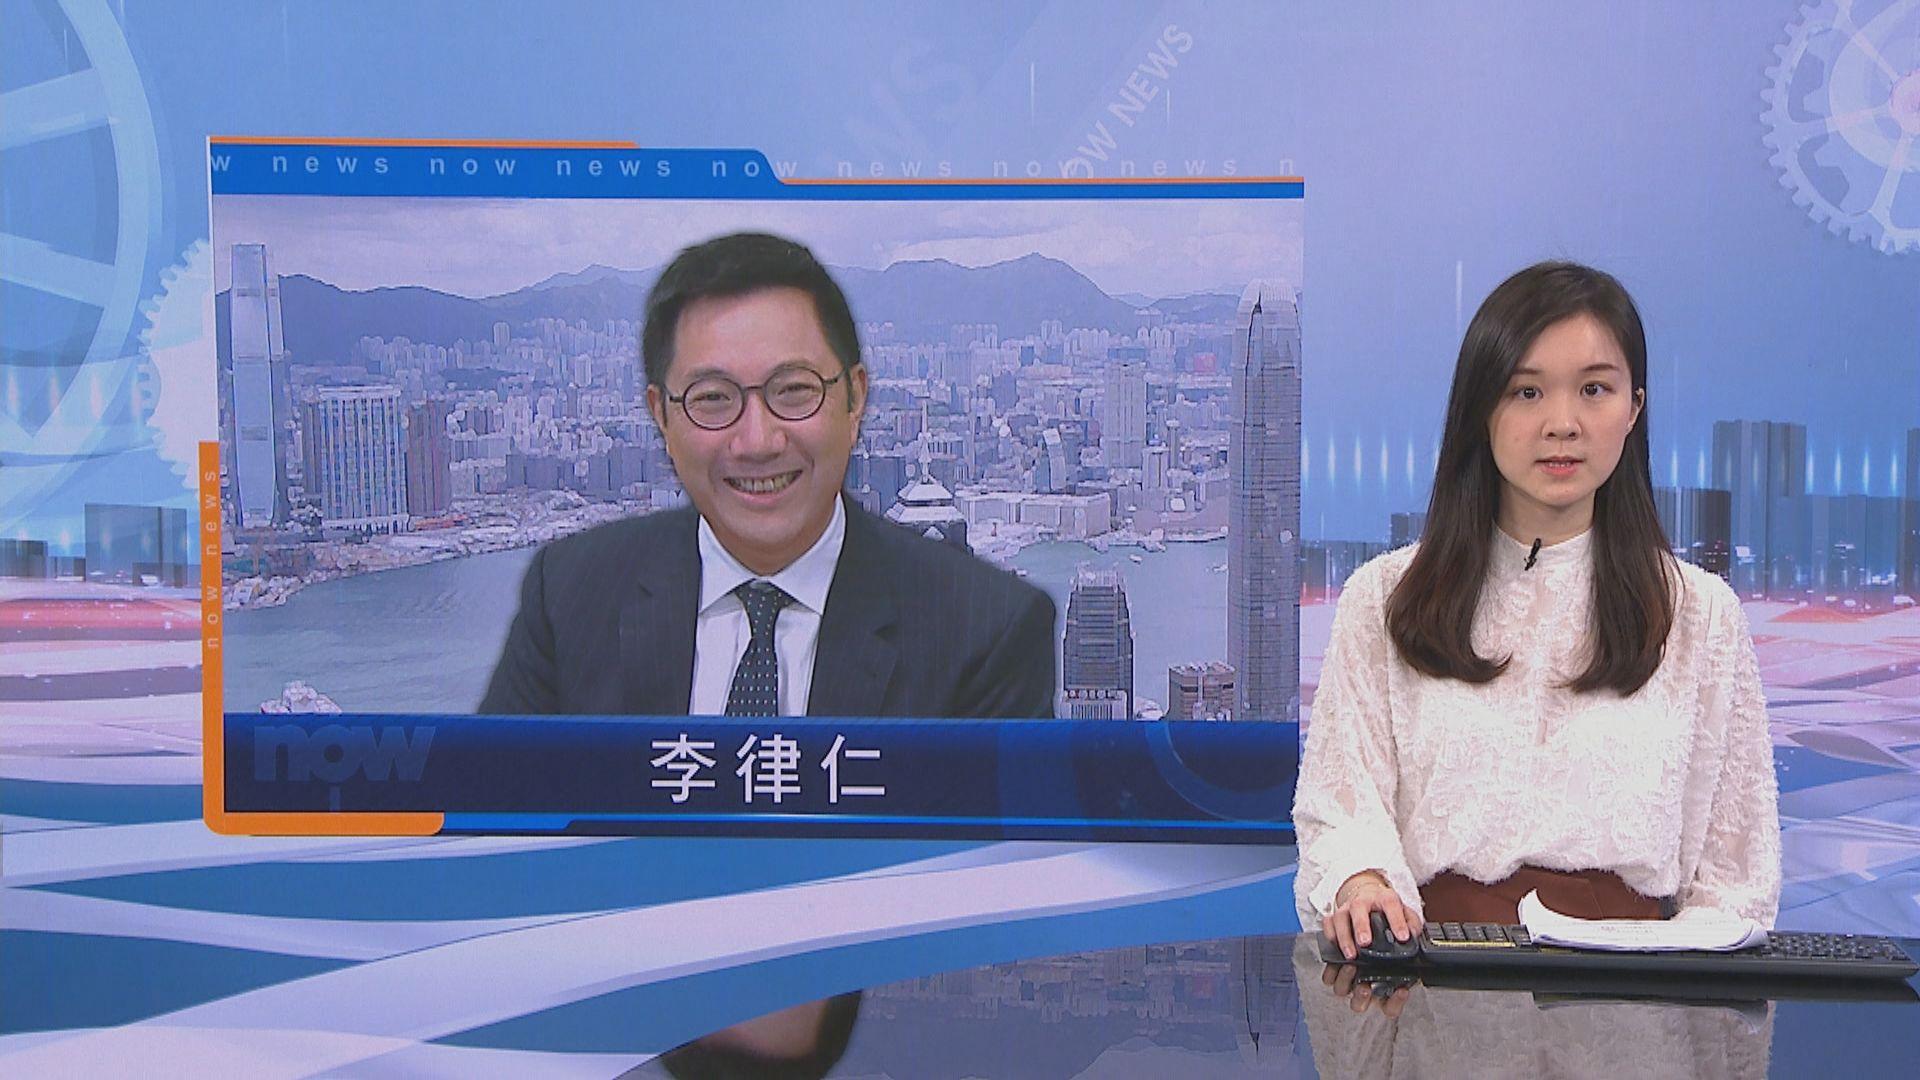 金發局主席李律仁:香港應加強跟內地金融中心合作來鞏固地位